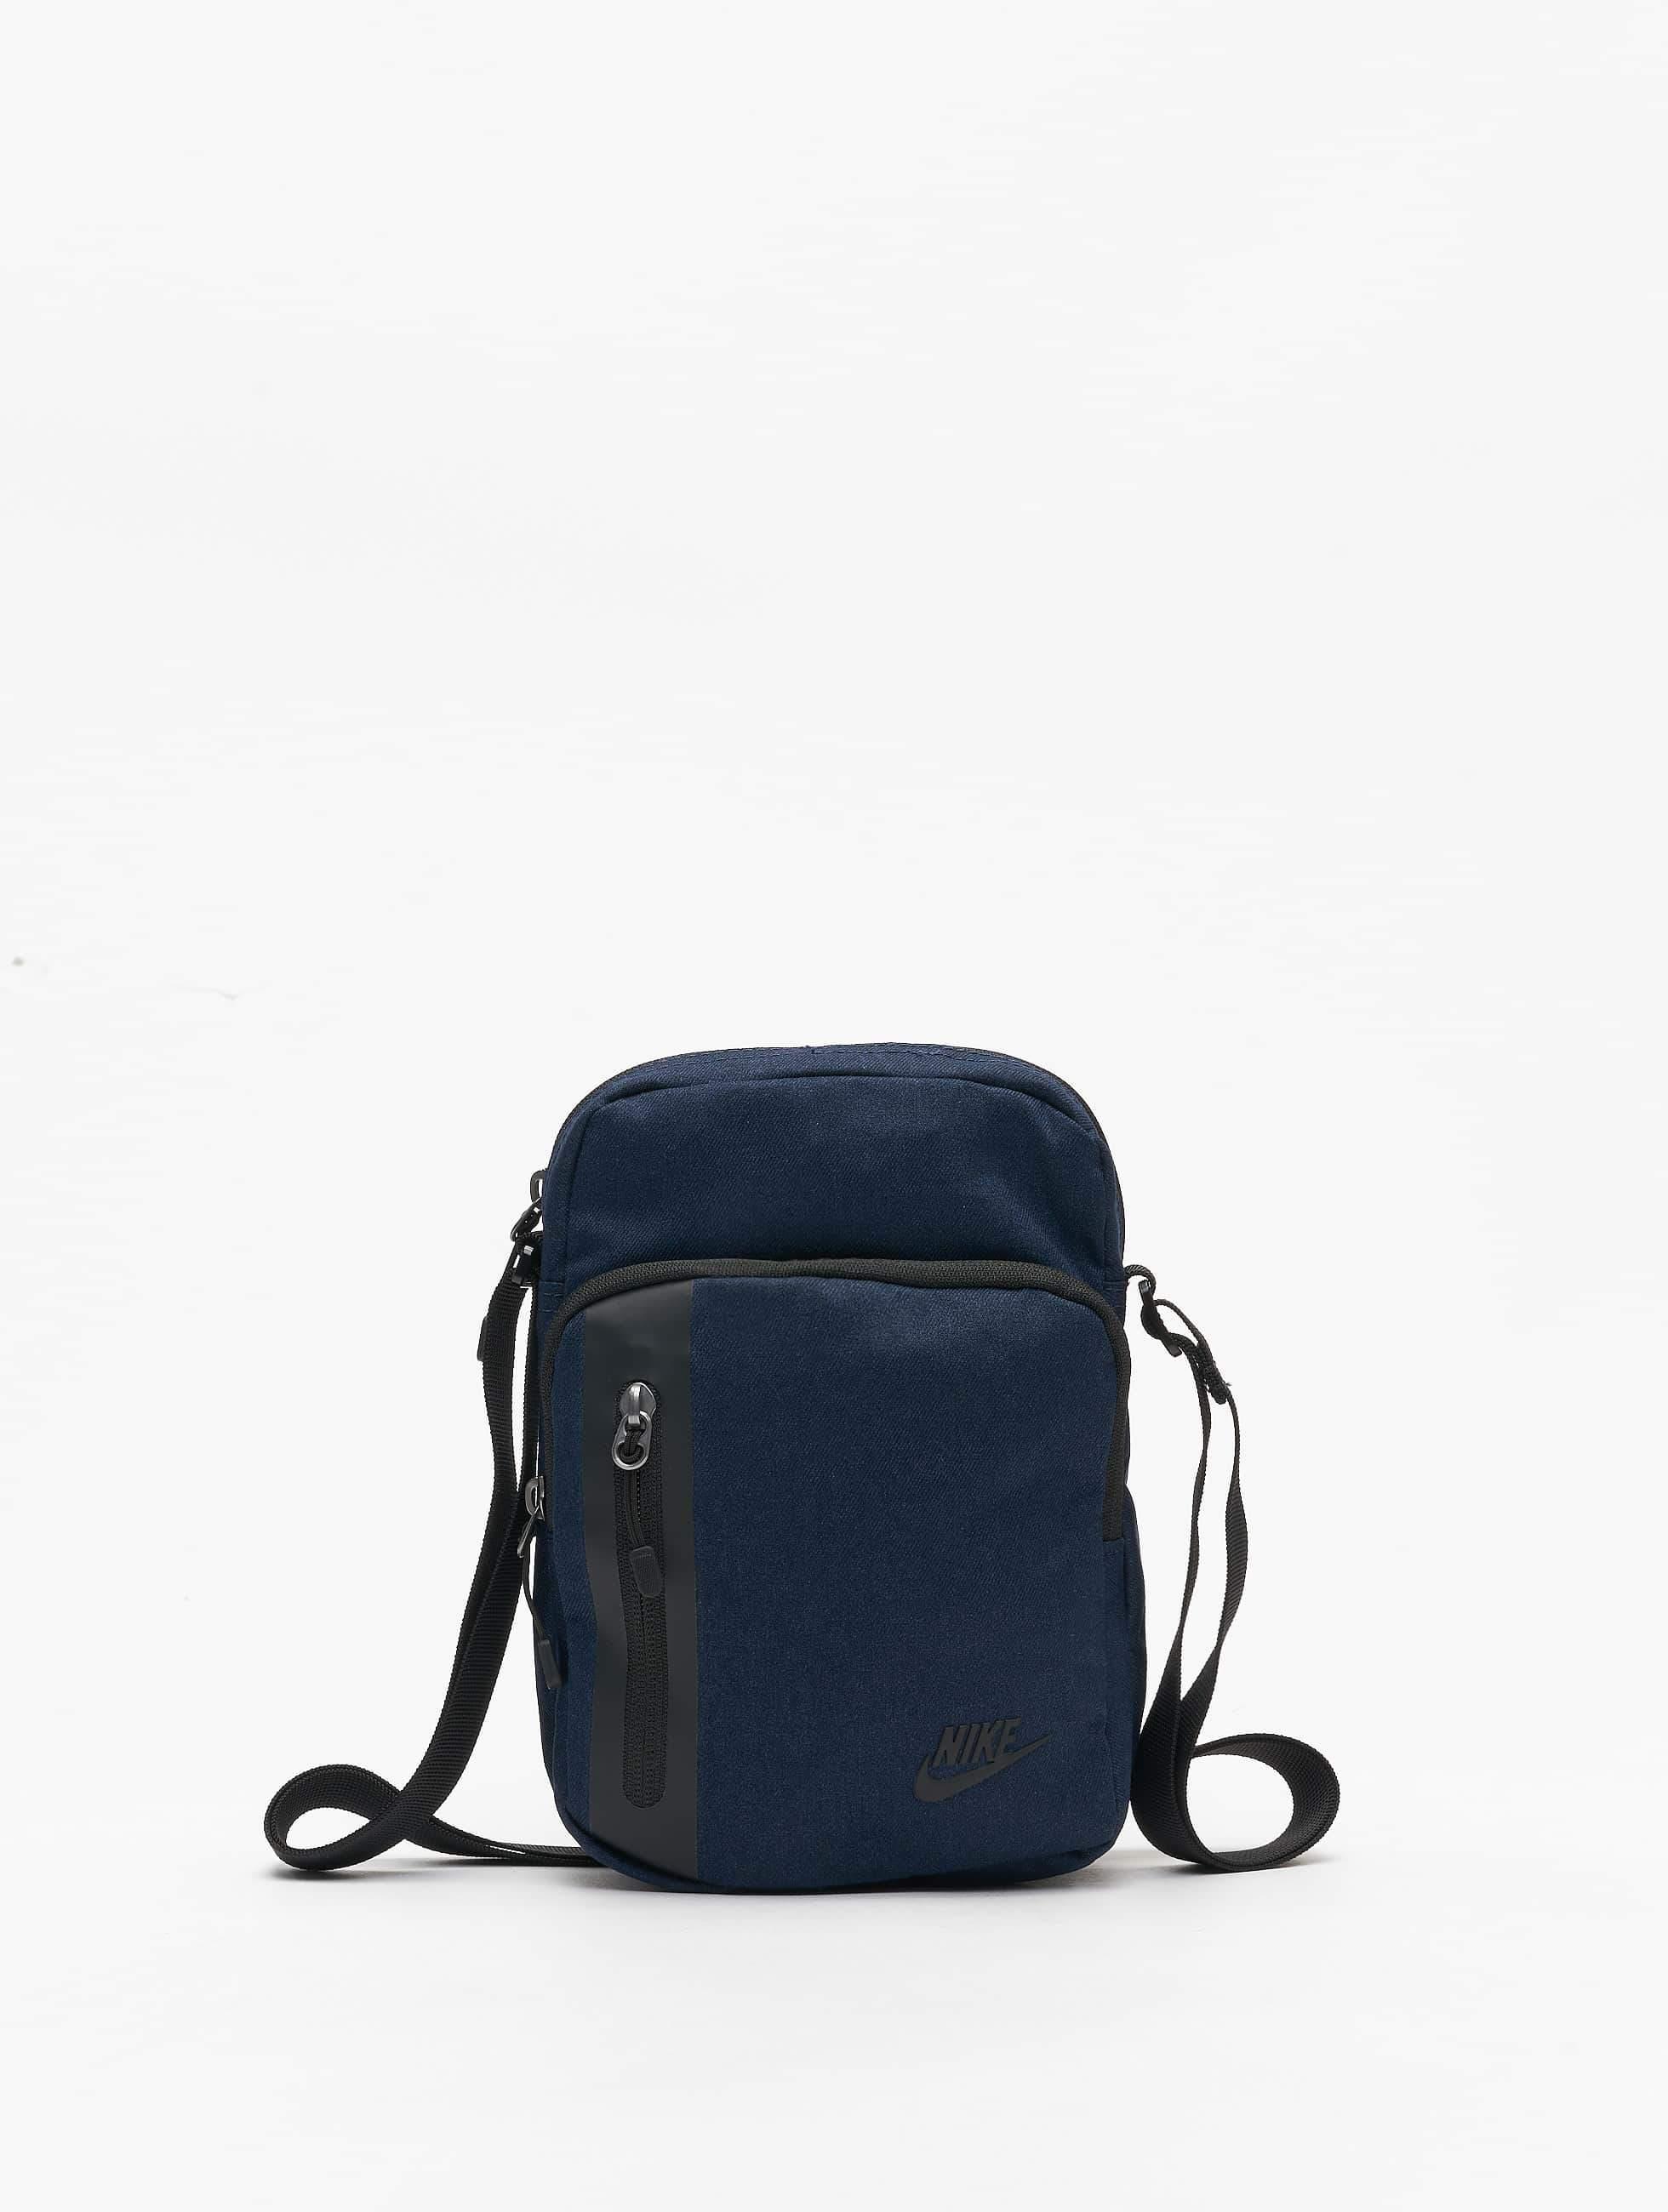 a683344fa75d9 Nike Herren Tasche Core Small Items 3.0 in blau 412949